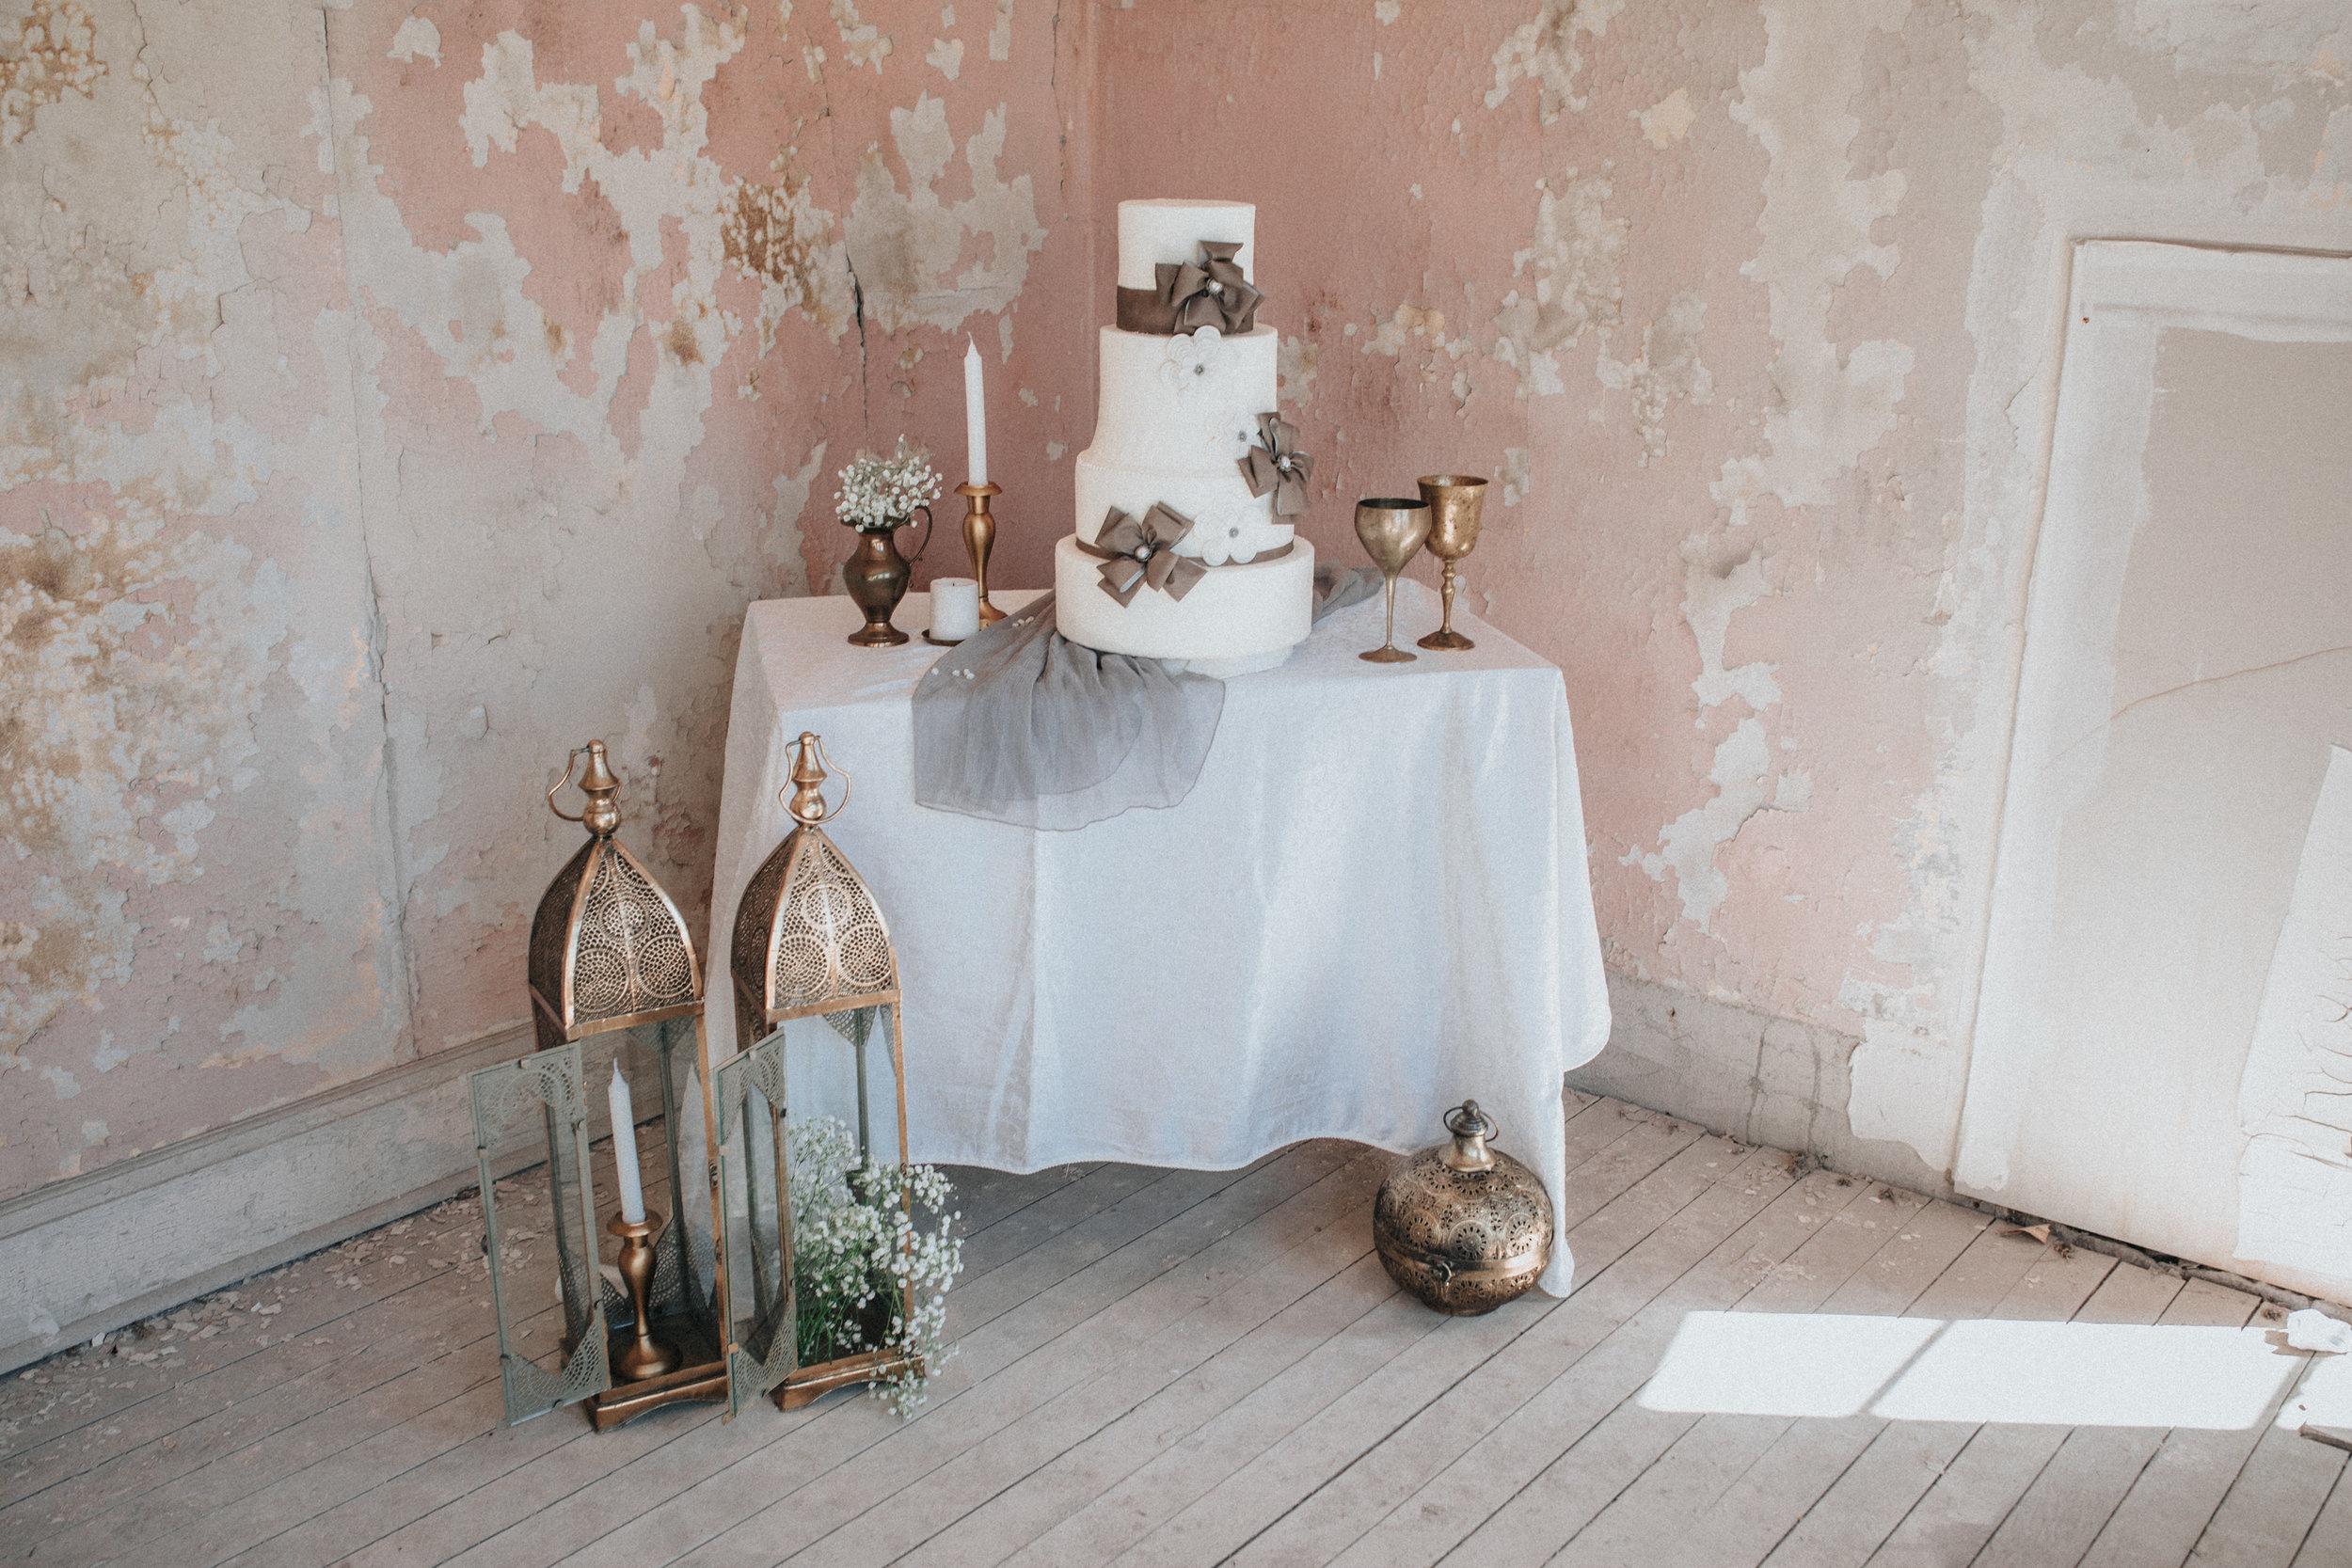 Rachel-Salisbury-Photography-Among-The-Ruins-30.jpg